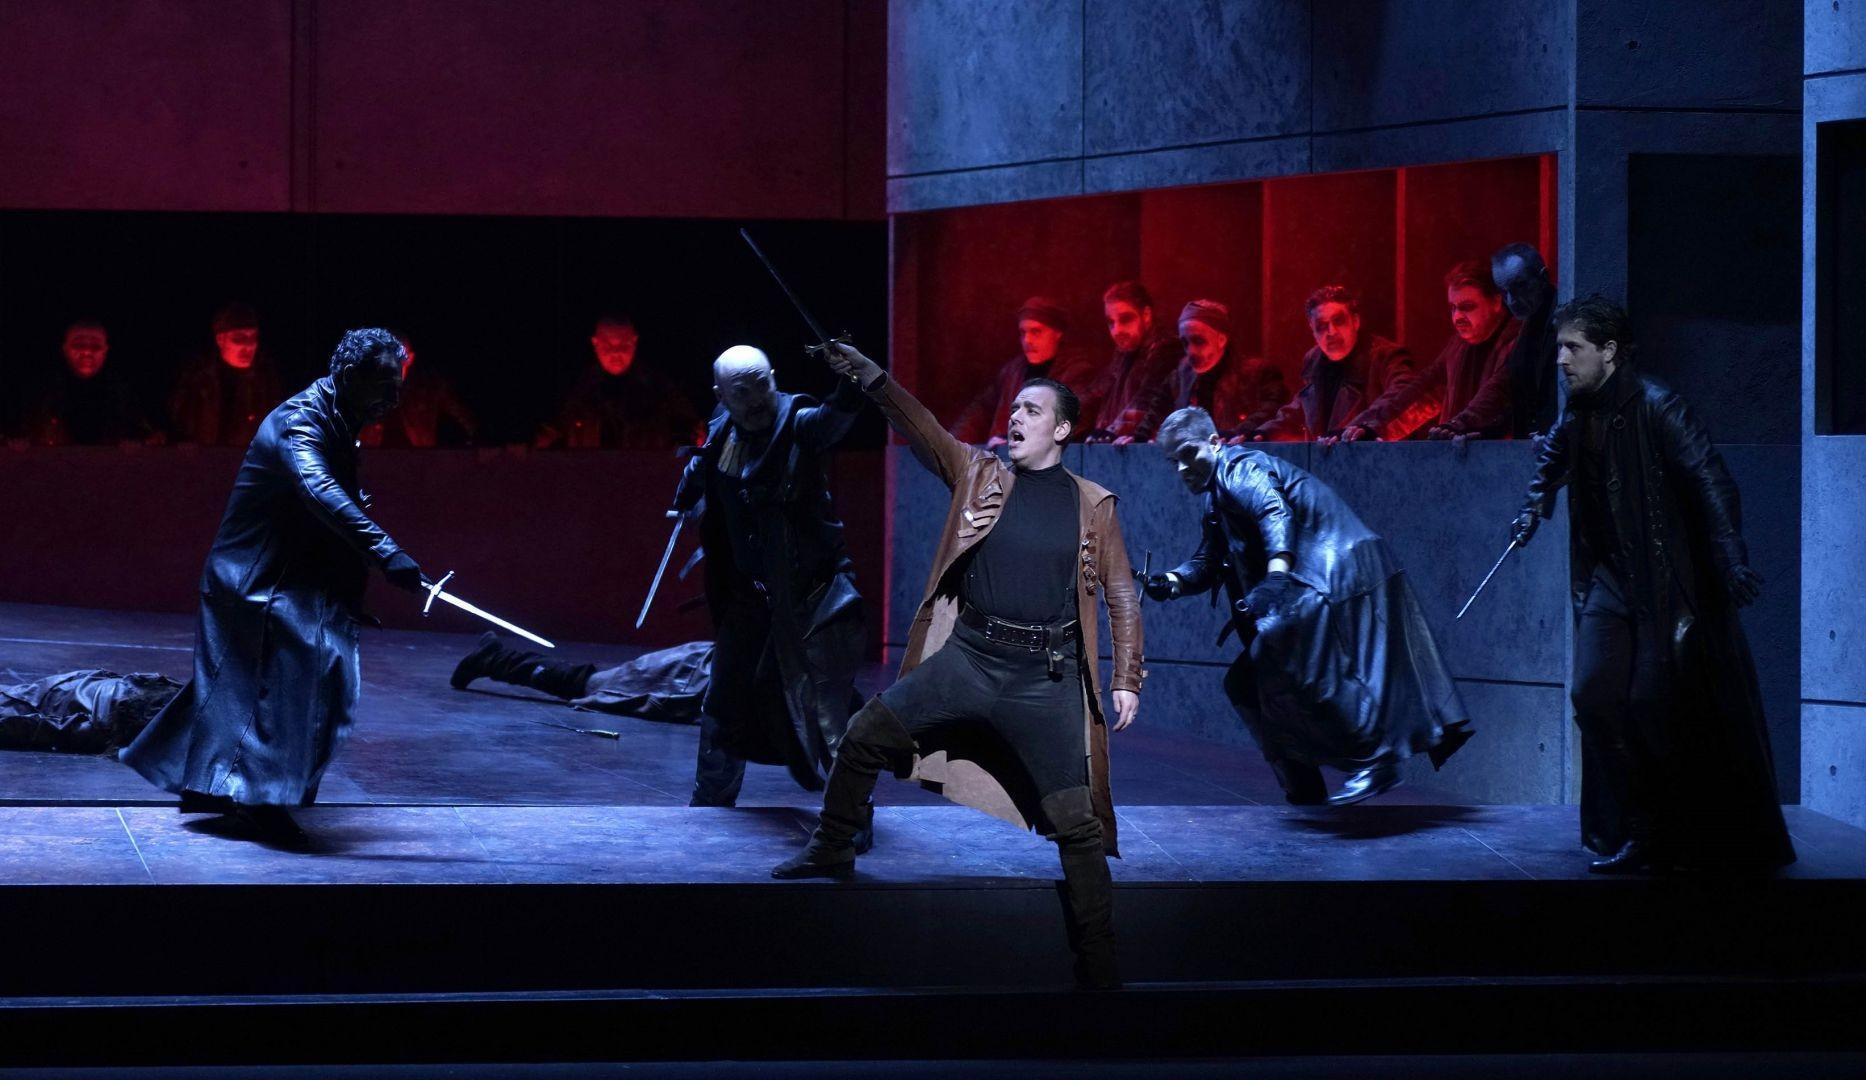 Calendario 2019 Excel Feriados Sp 2016 Más Recientes Il Trovatore Teatro Real